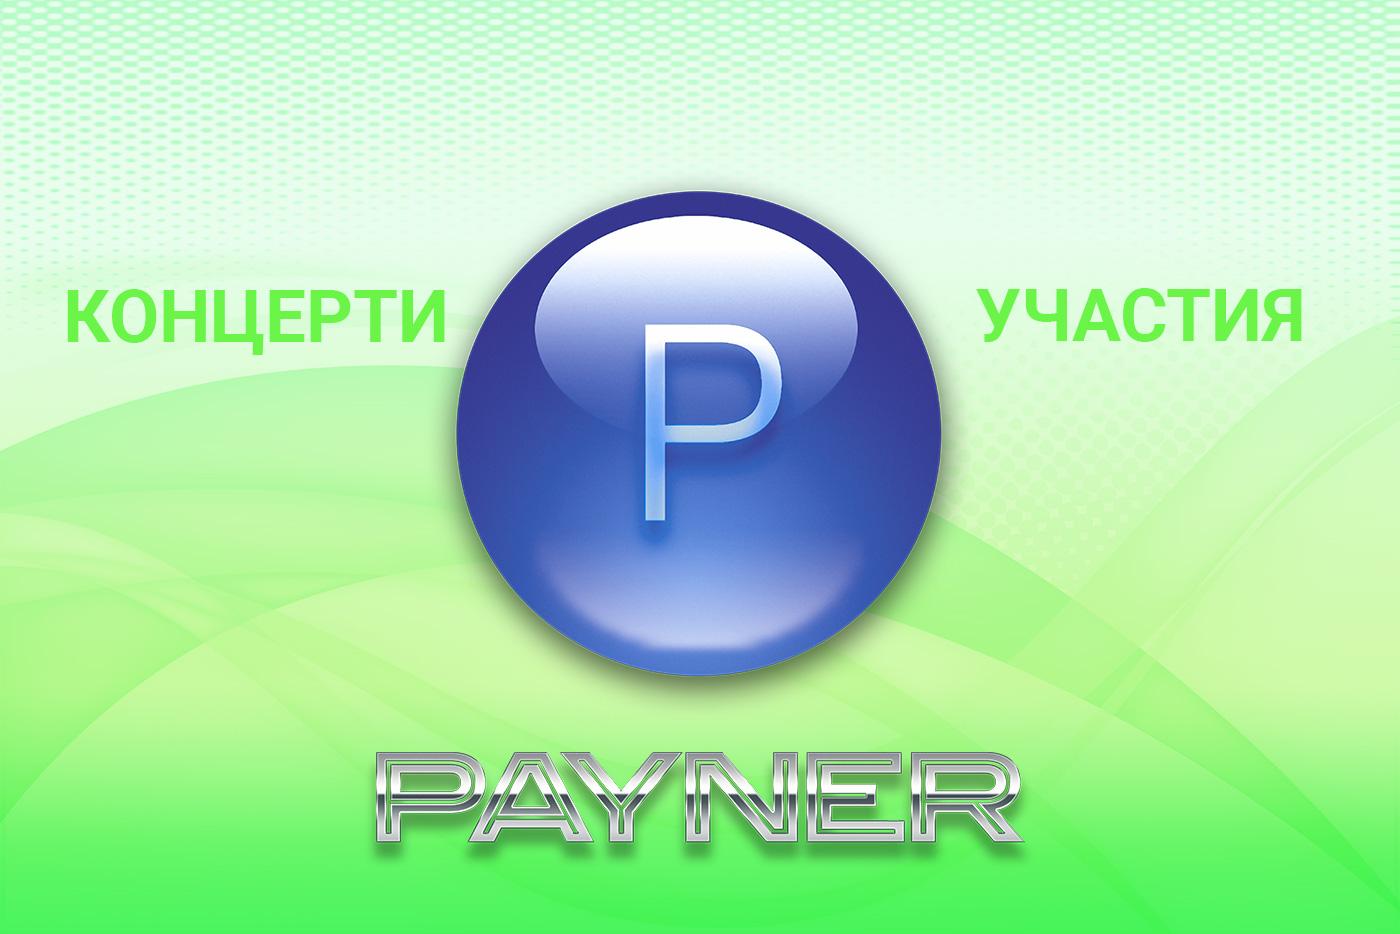 """Участия на звездите на """"Пайнер"""" на 22.08.2019"""